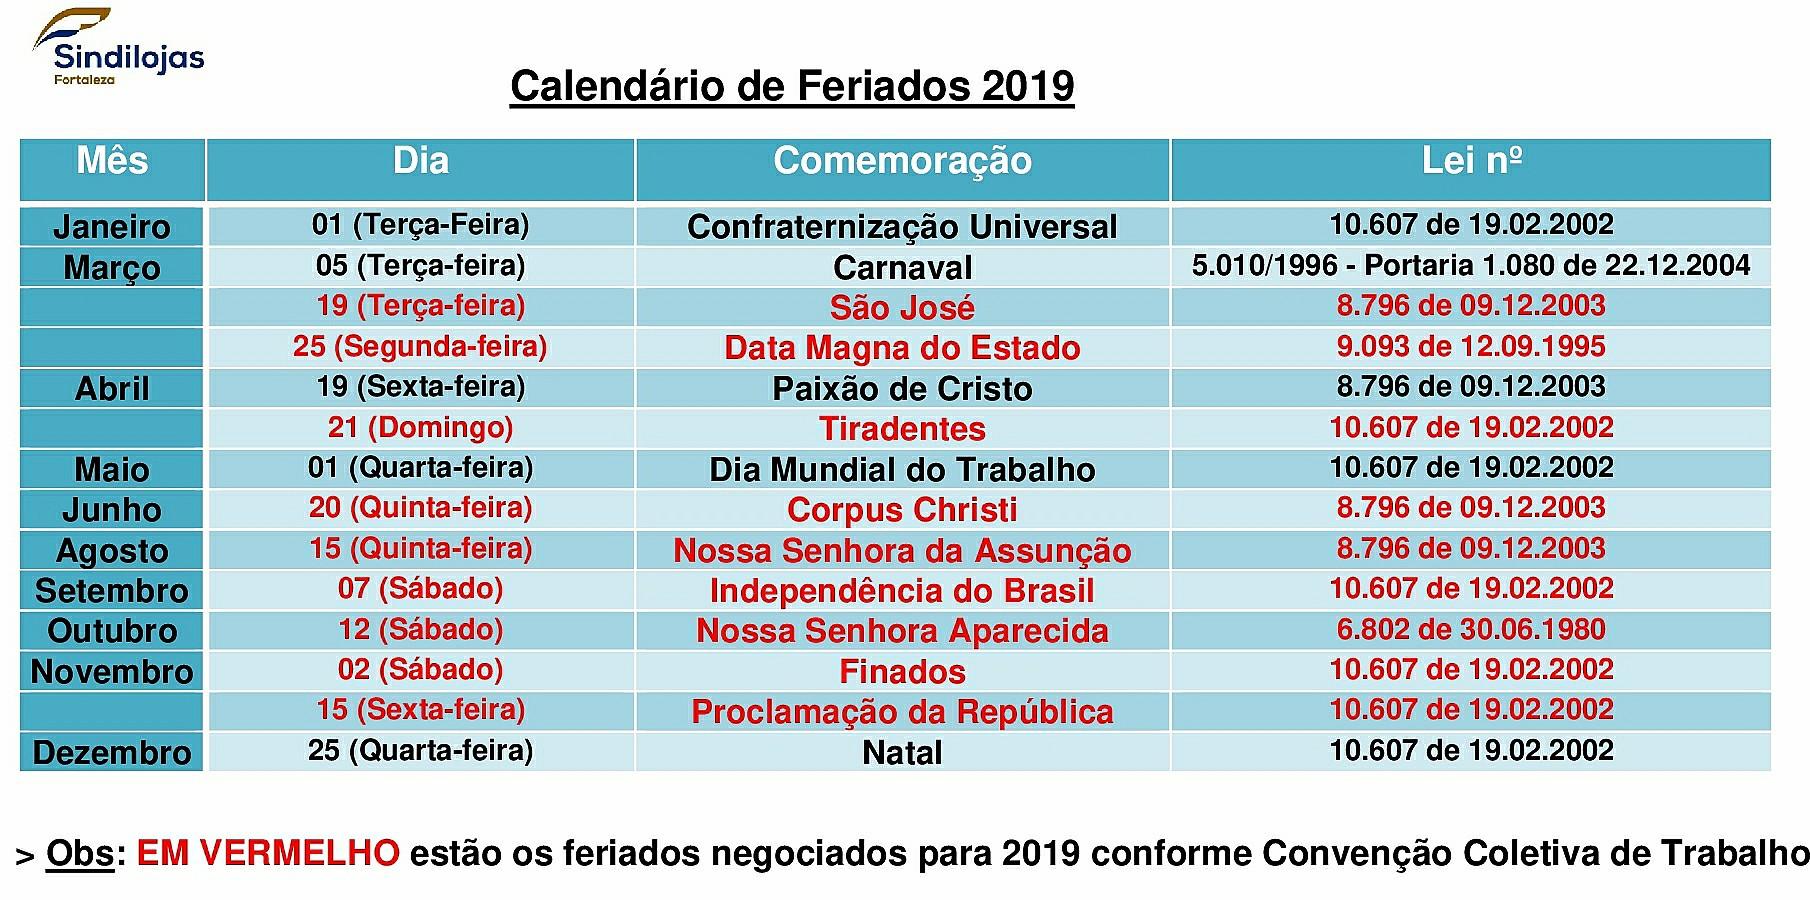 Calendario 2020 Brasil Com Feriados.Feriados Sindilojas Fortaleza